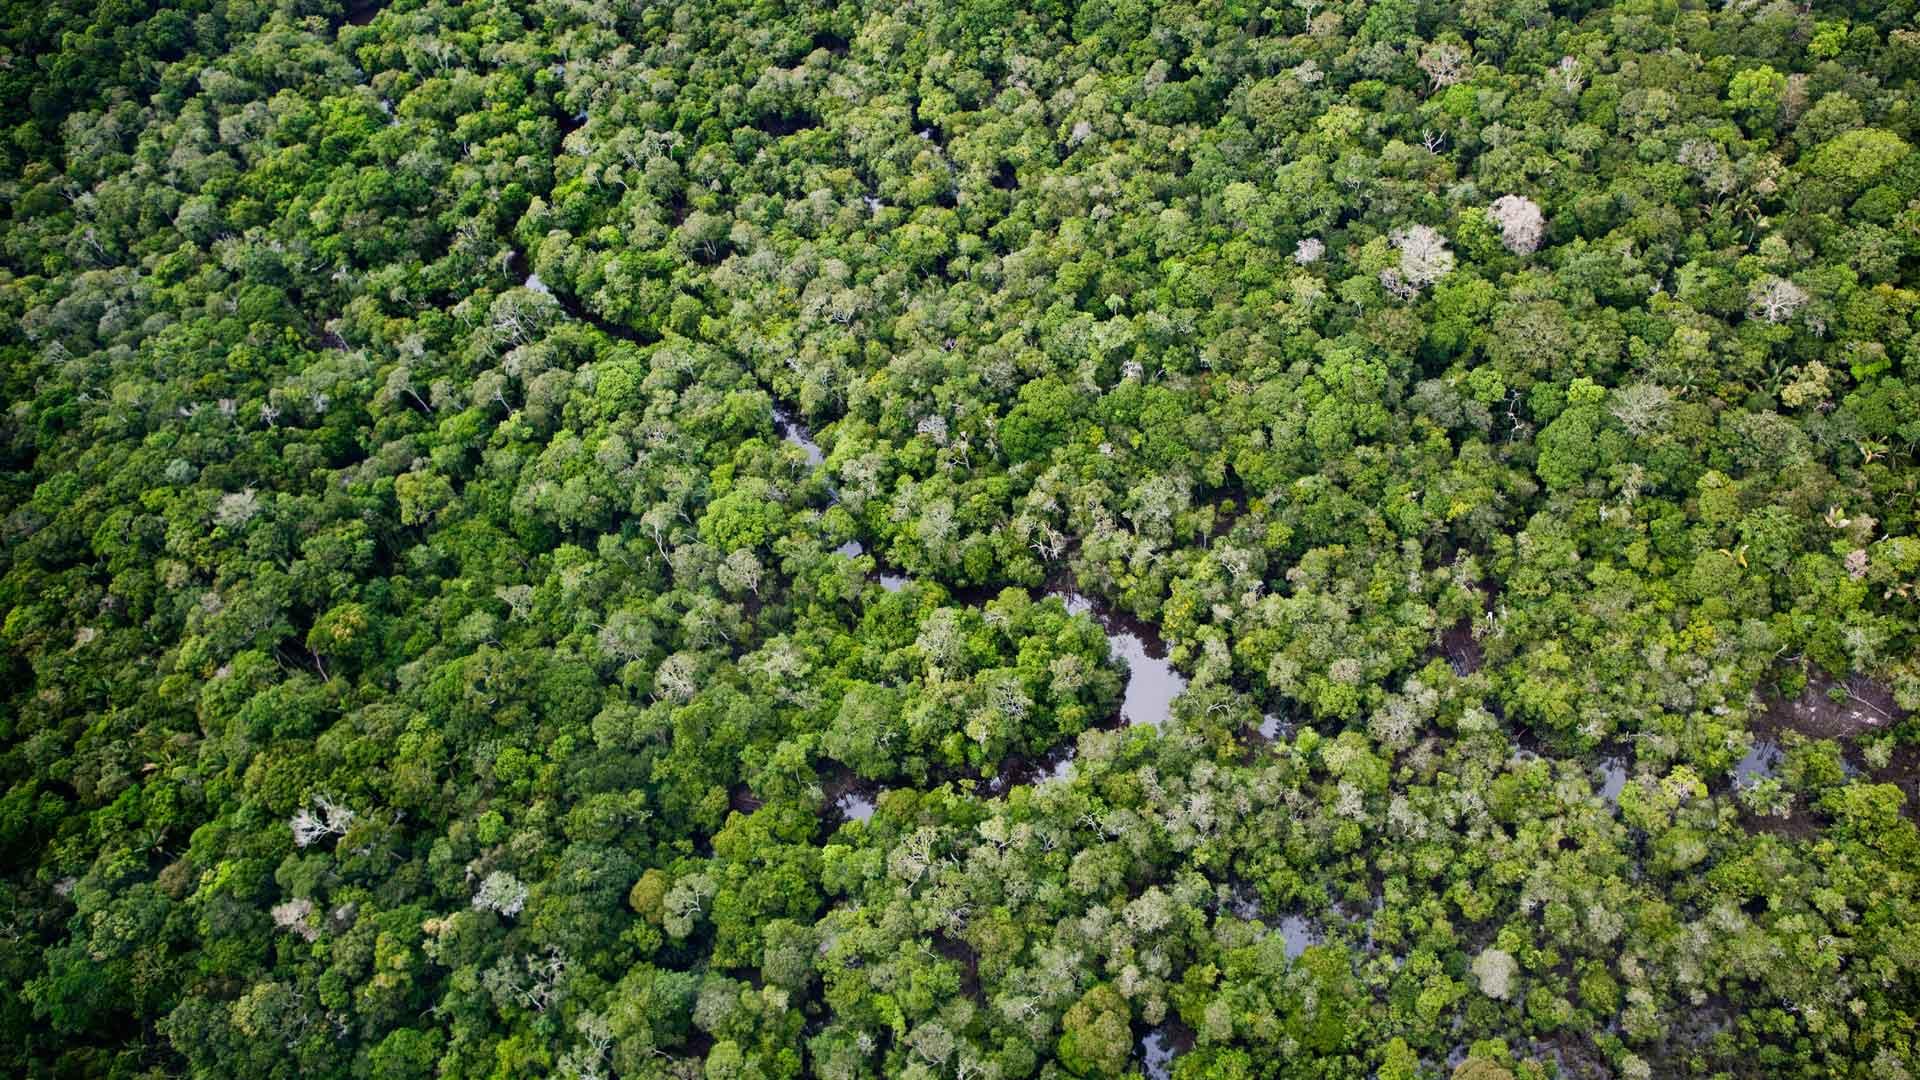 Luftaufnahme eines Regenwaldes